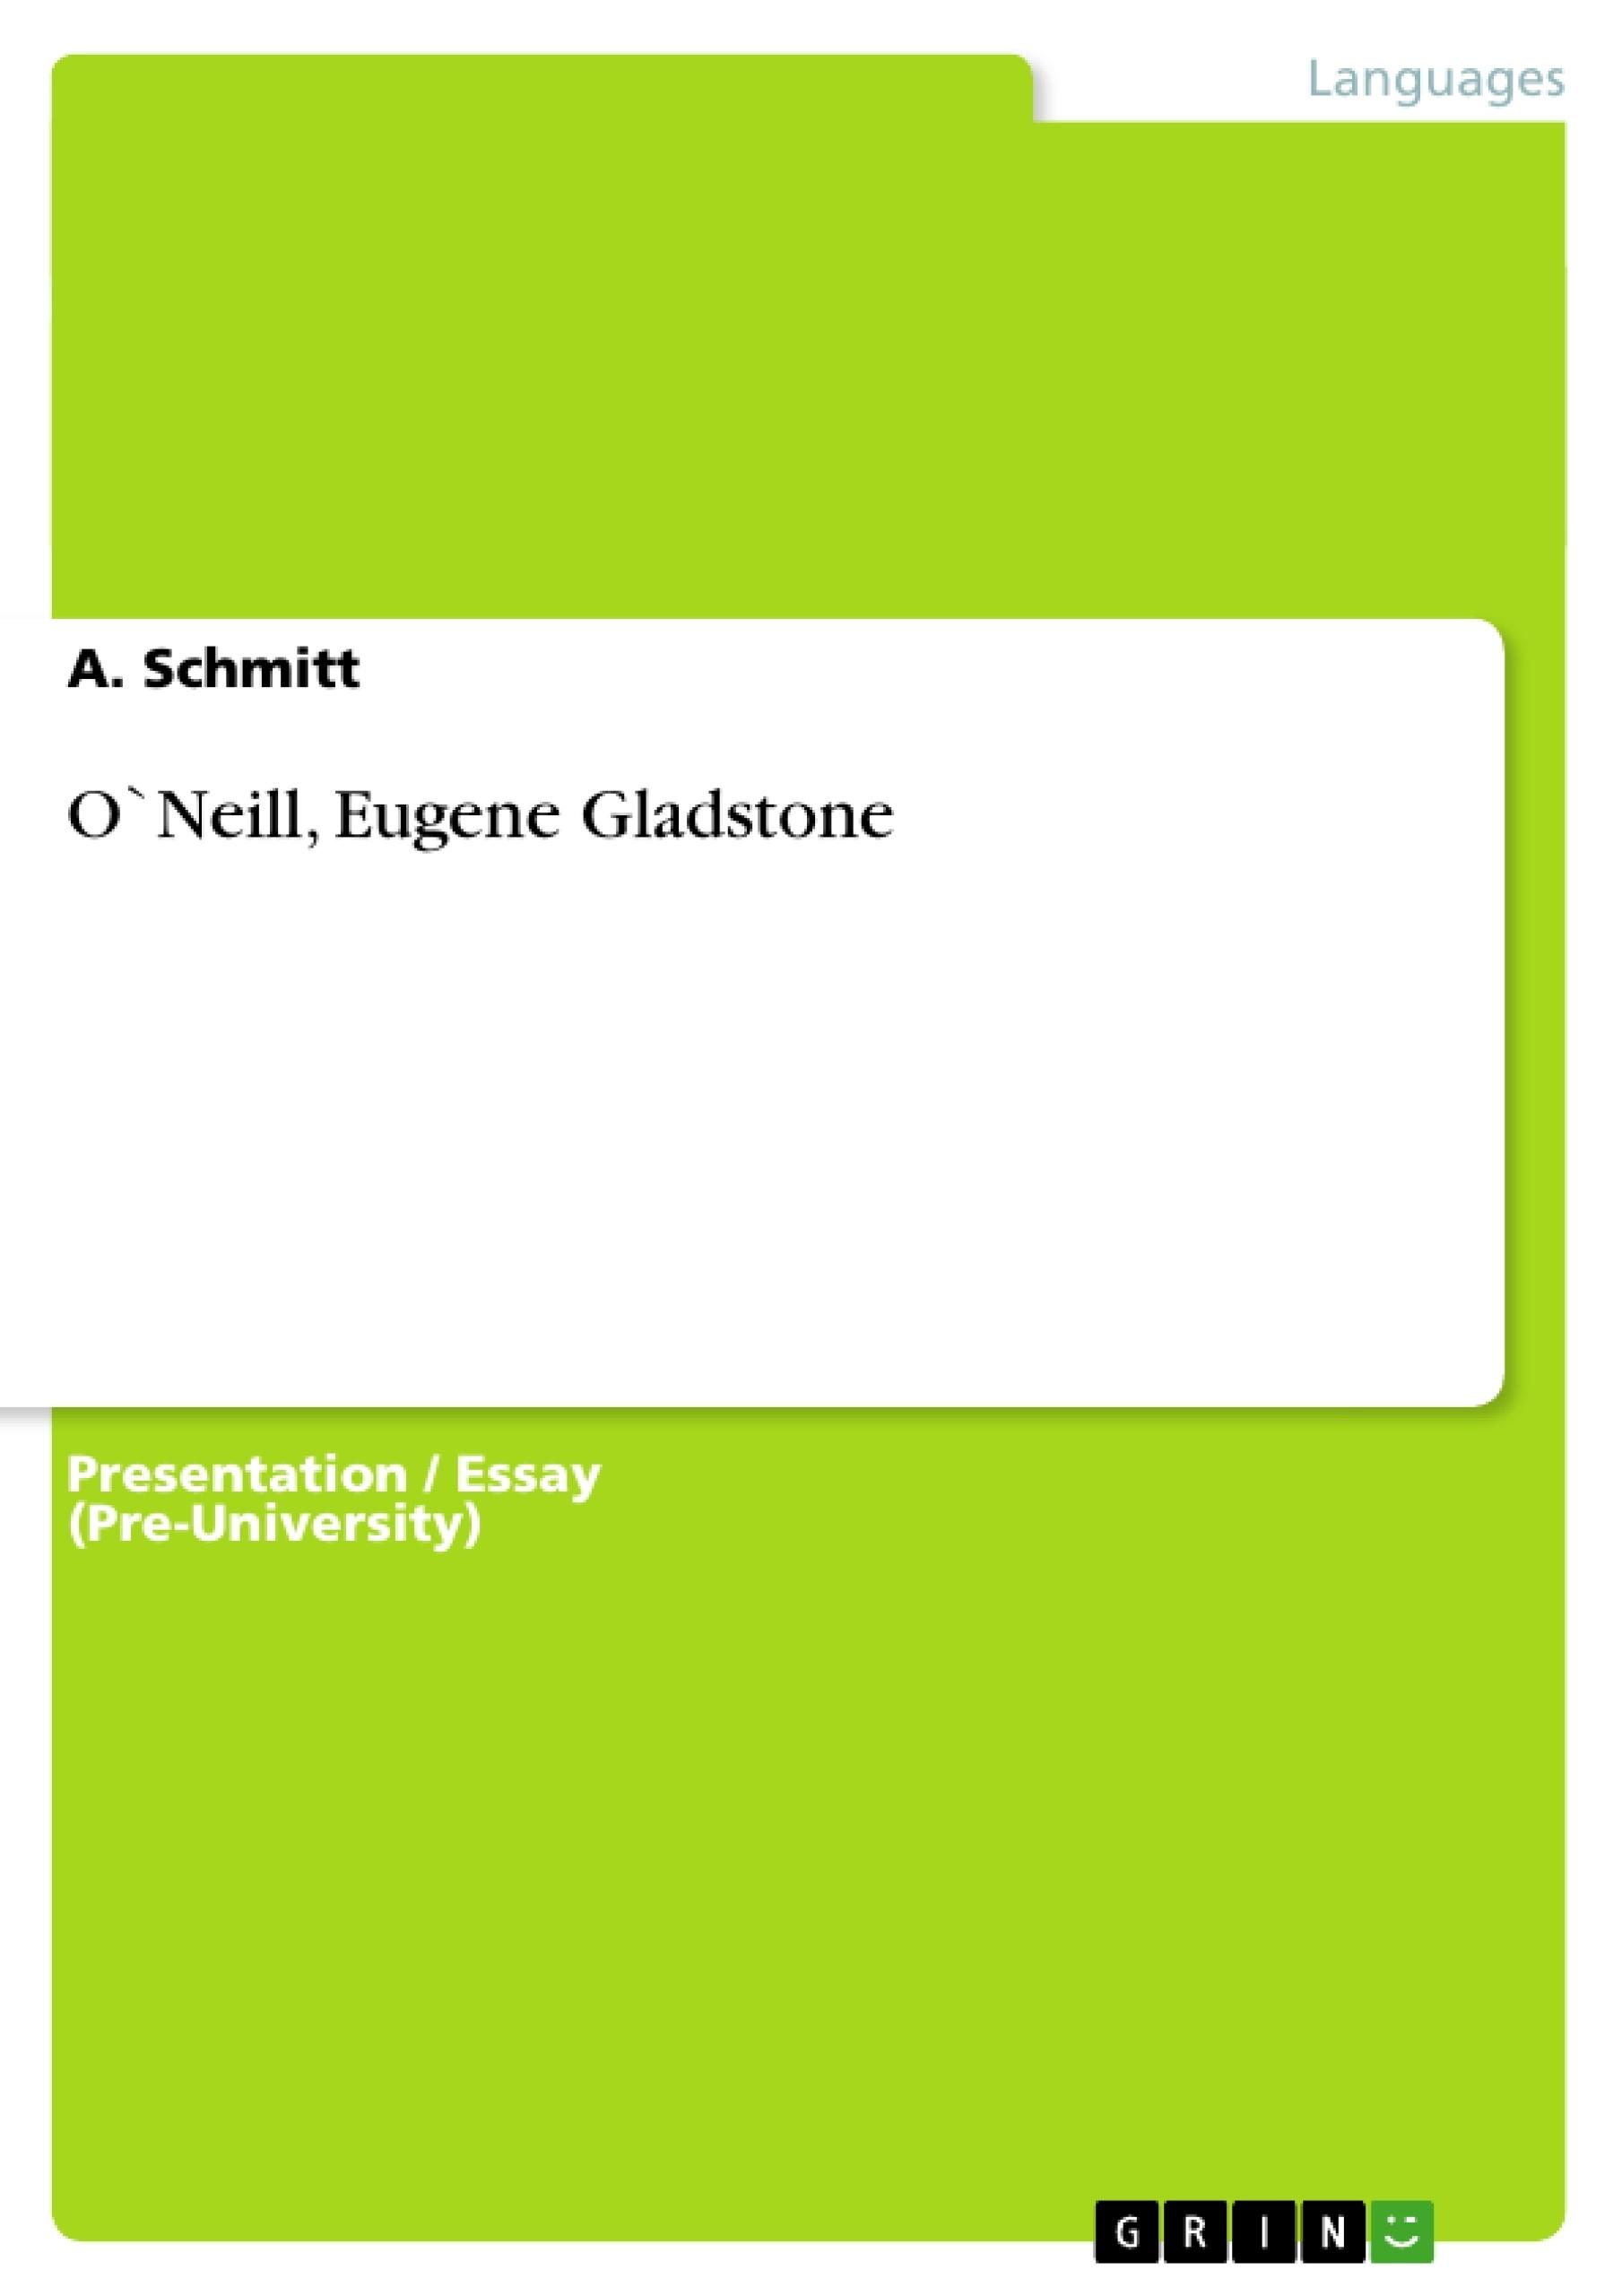 Title: O`Neill, Eugene Gladstone